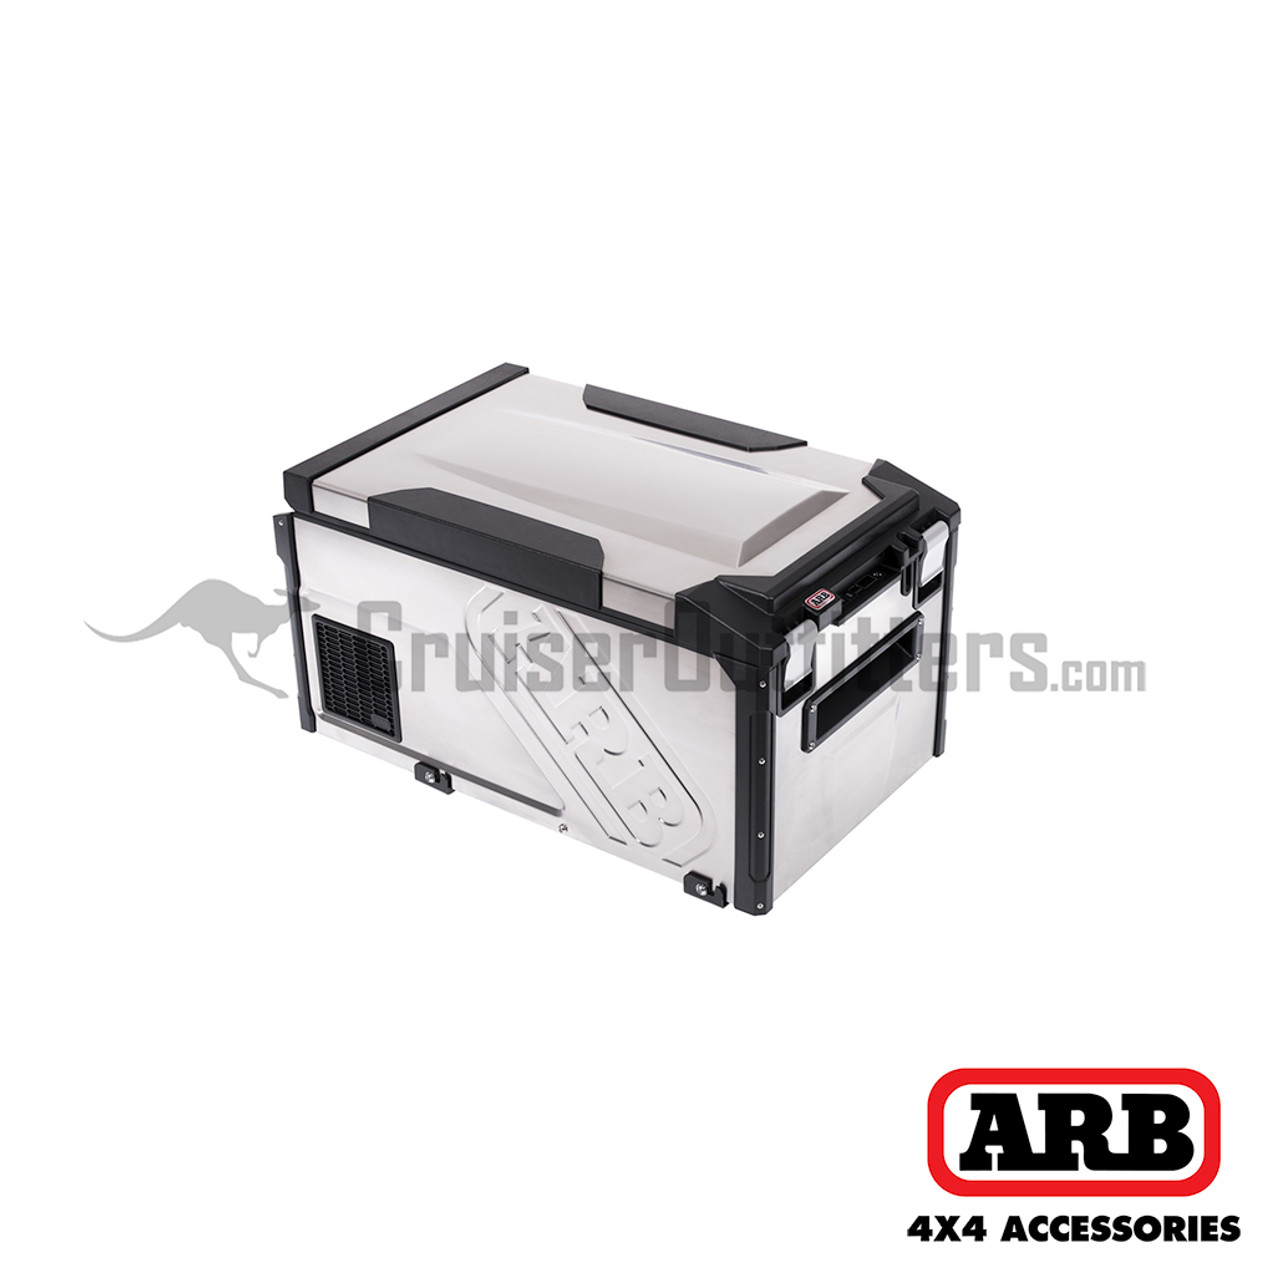 ARB Elements Weatherproof Fridge Freezer - 63 Qt (ARB10810602)